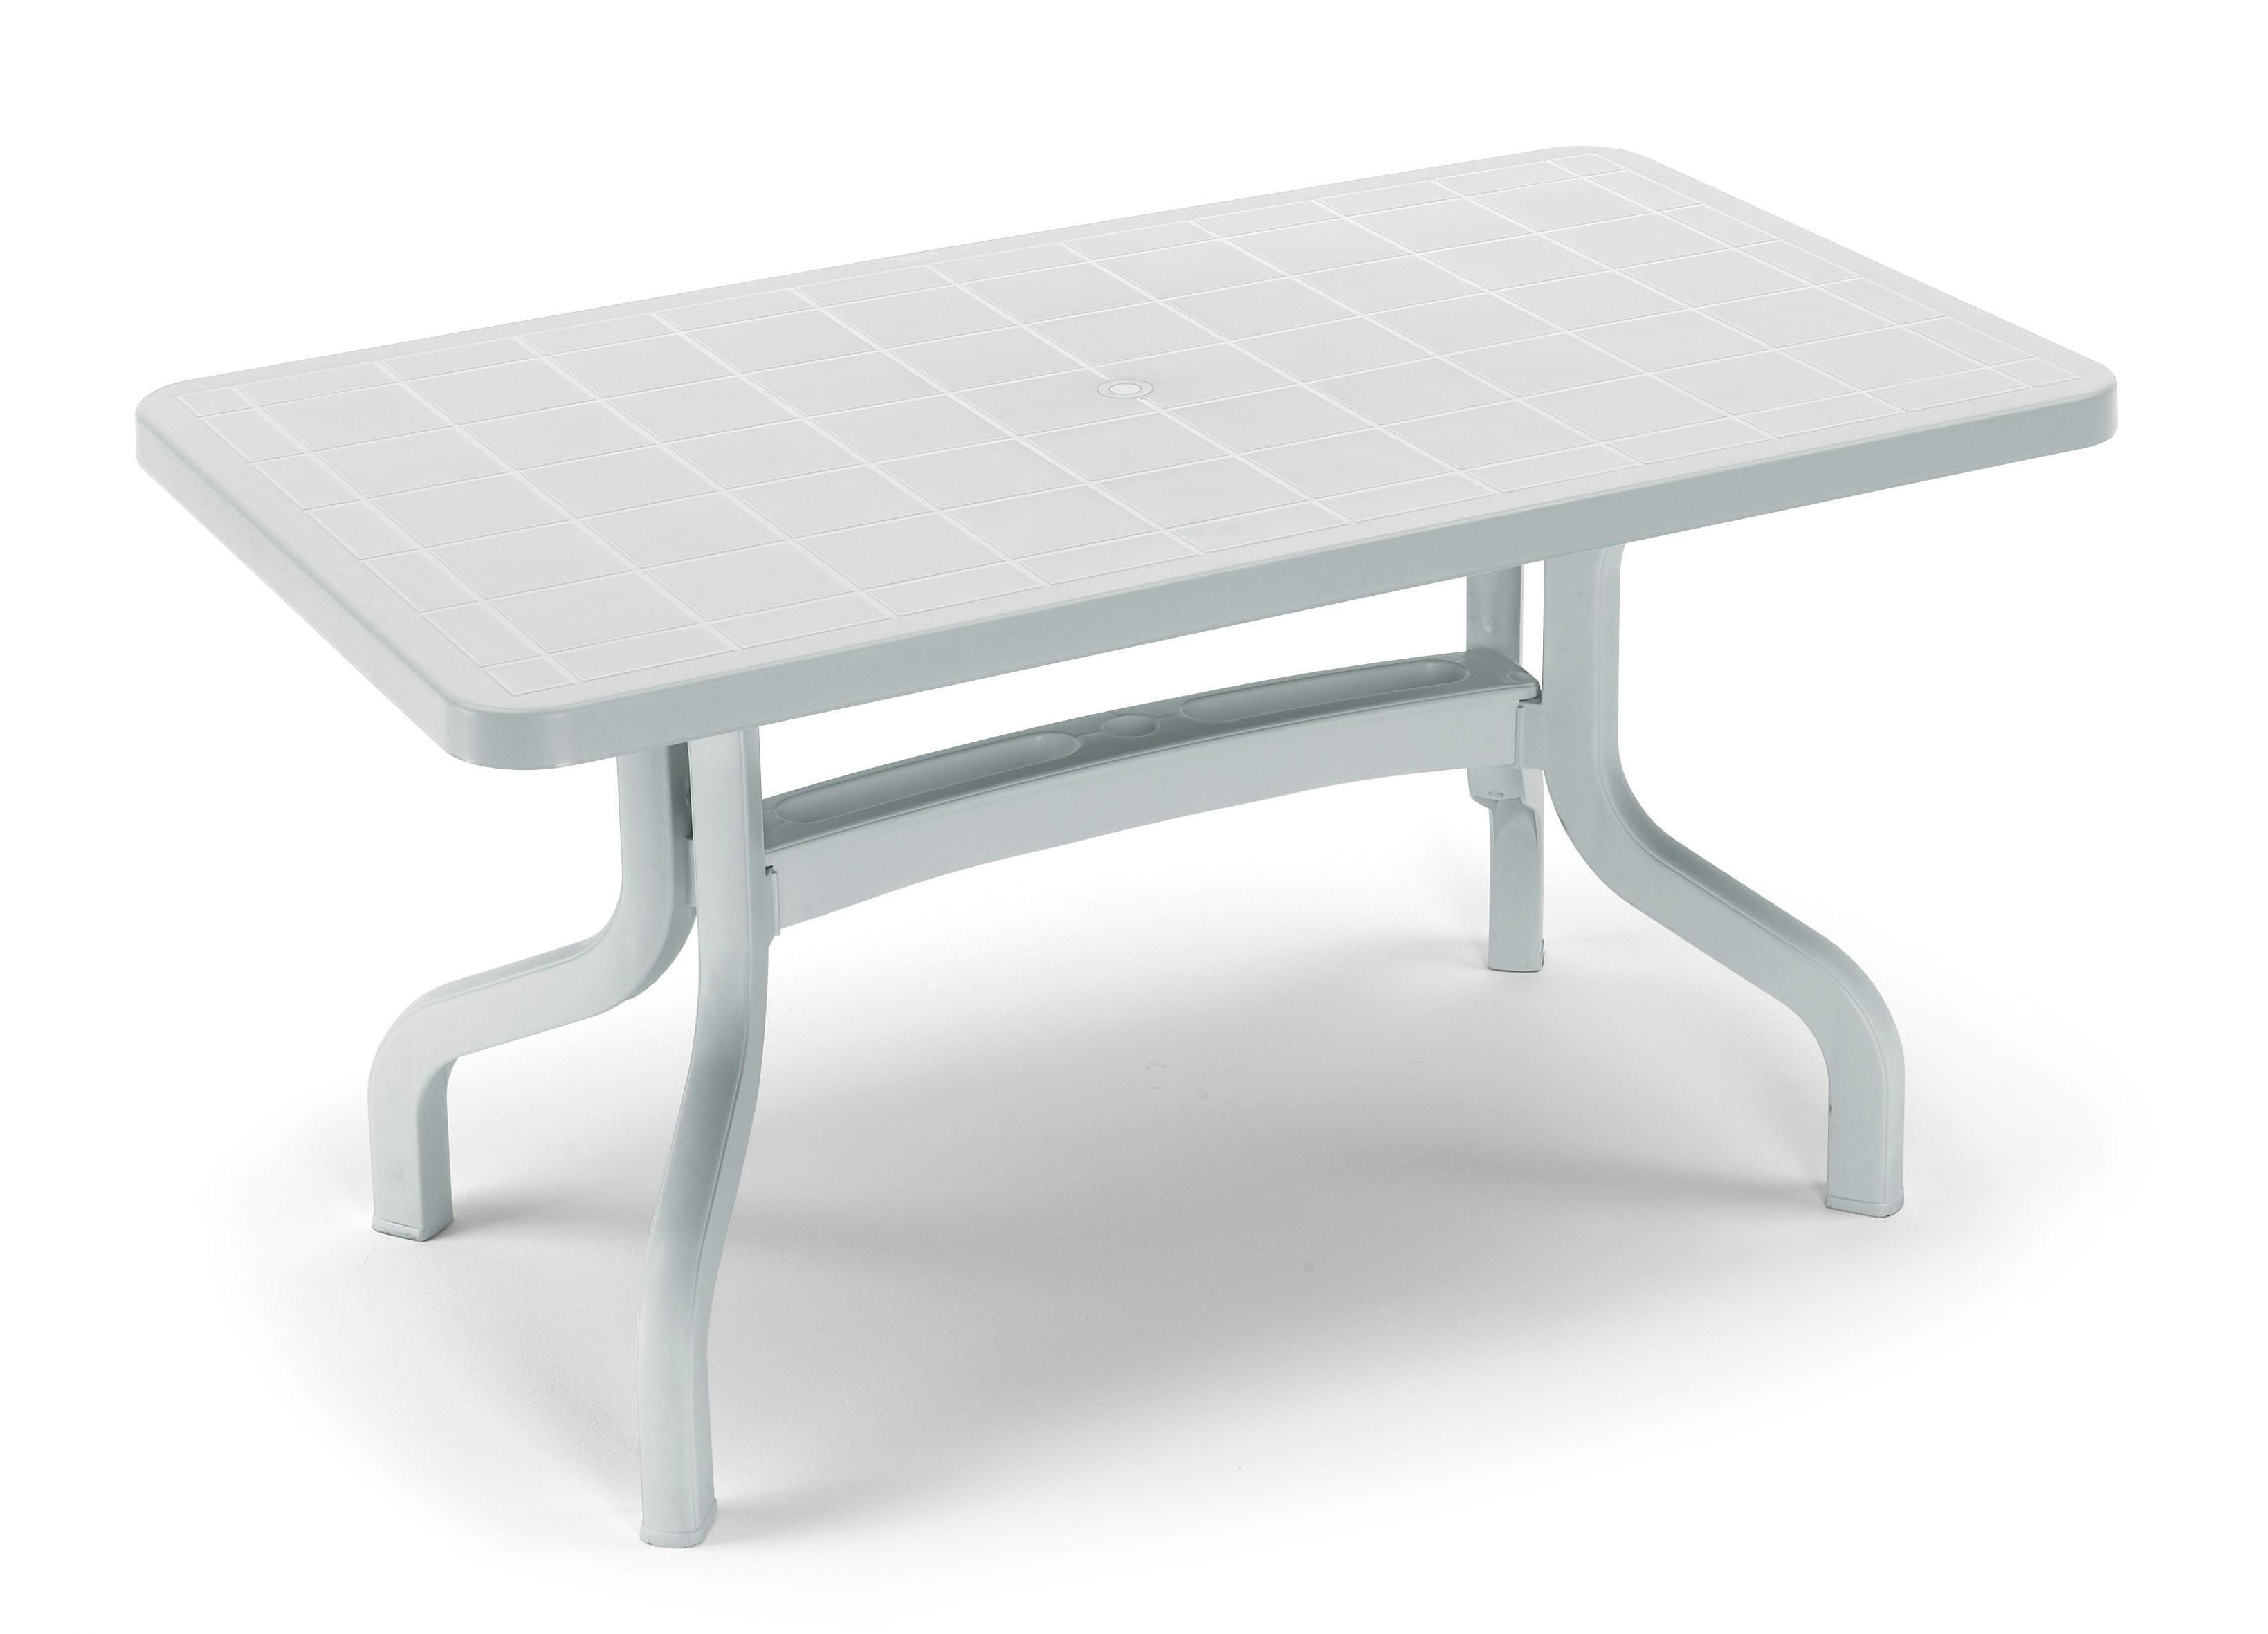 Tavolo resina ribalto lamacchia mobili da giardino riccione - Mobili da esterno in resina ...